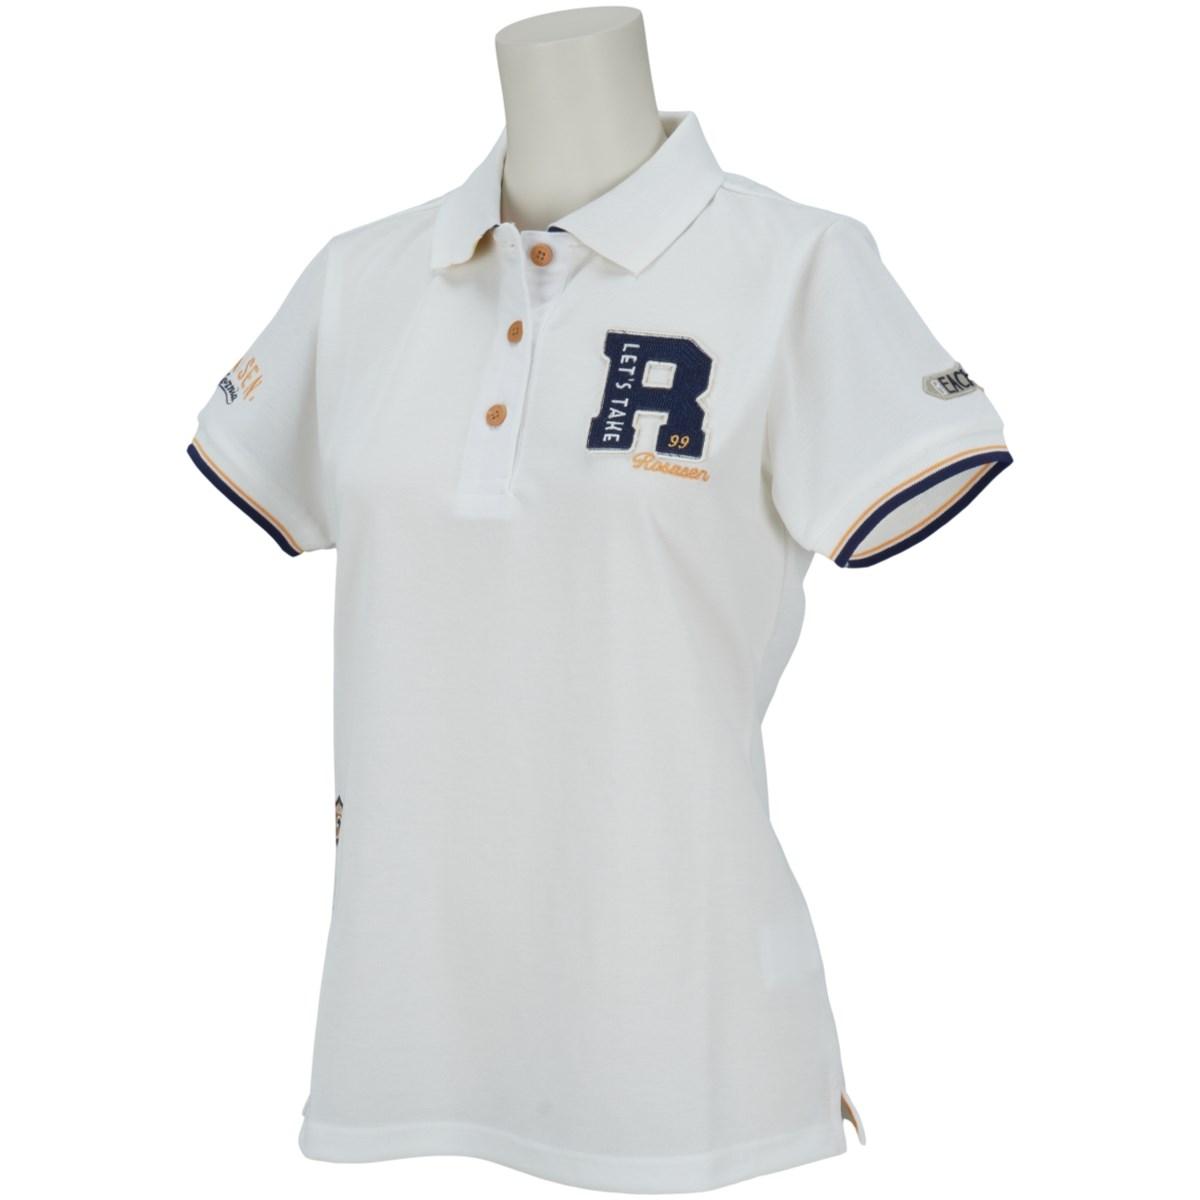 ロサーセン ROSASEN 鹿の子ロゴ盛り半袖ポロシャツ 40(M) オフホワイト 005 レディス